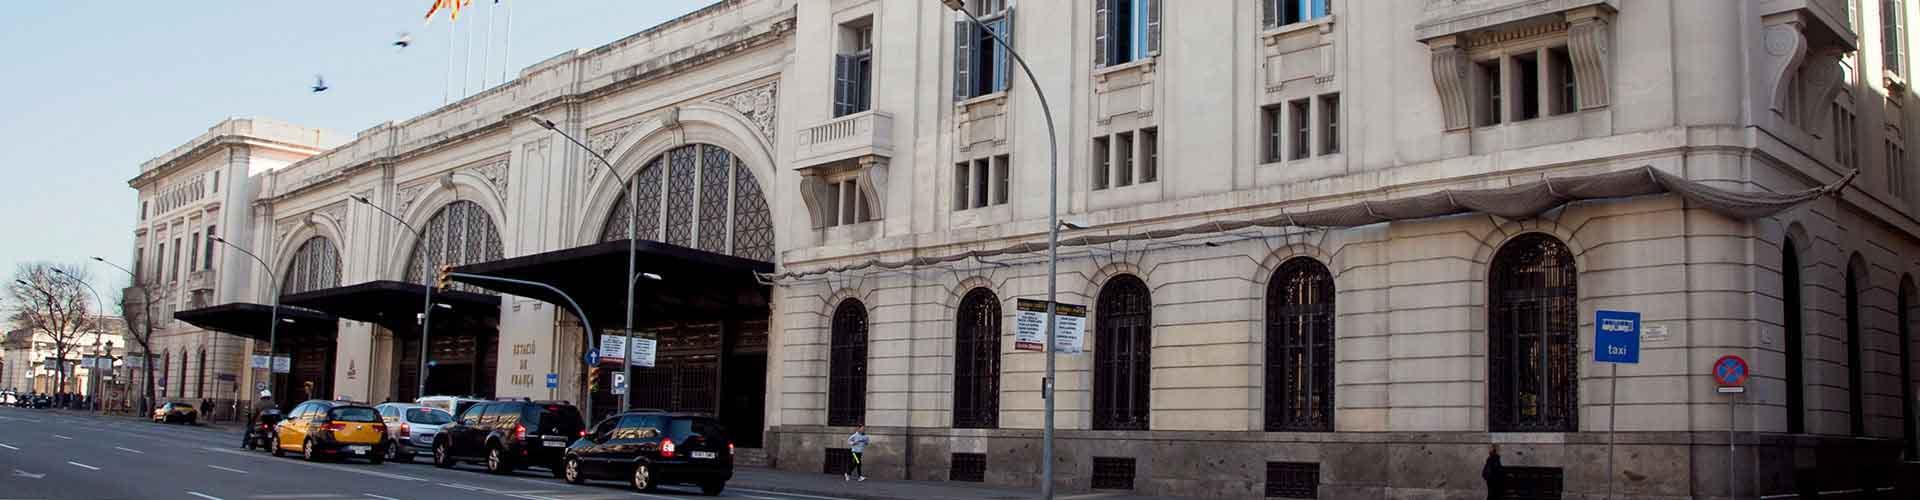 바르셀로나 - 프랑사 기차역에 가까운 호텔. 바르셀로나의 지도, 바르셀로나에 위치한 호텔에 대한 사진 및 리뷰.